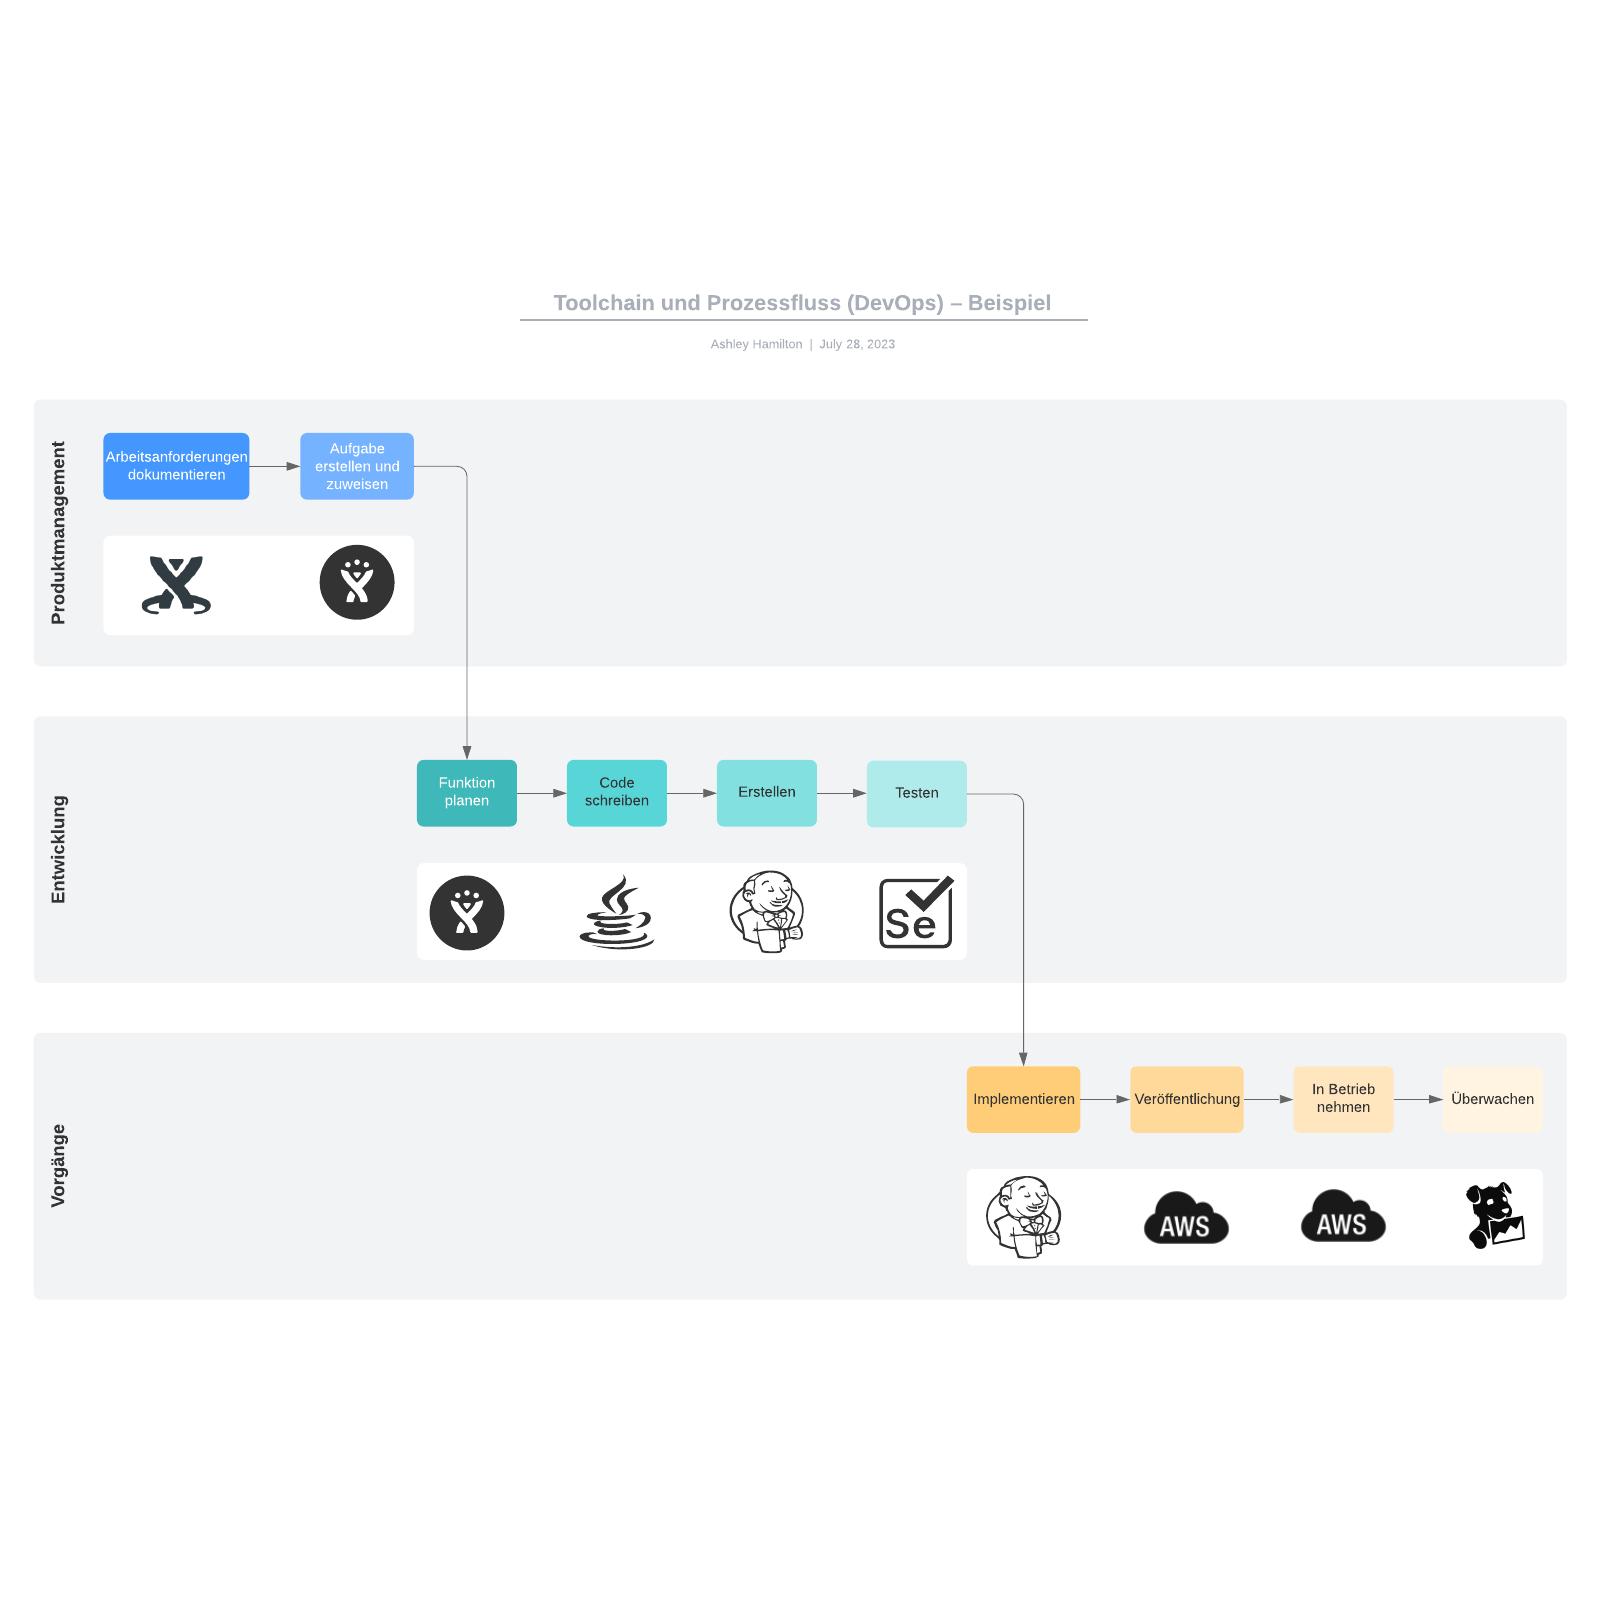 Toolchain und Prozessfluss (DevOps) – Beispiel